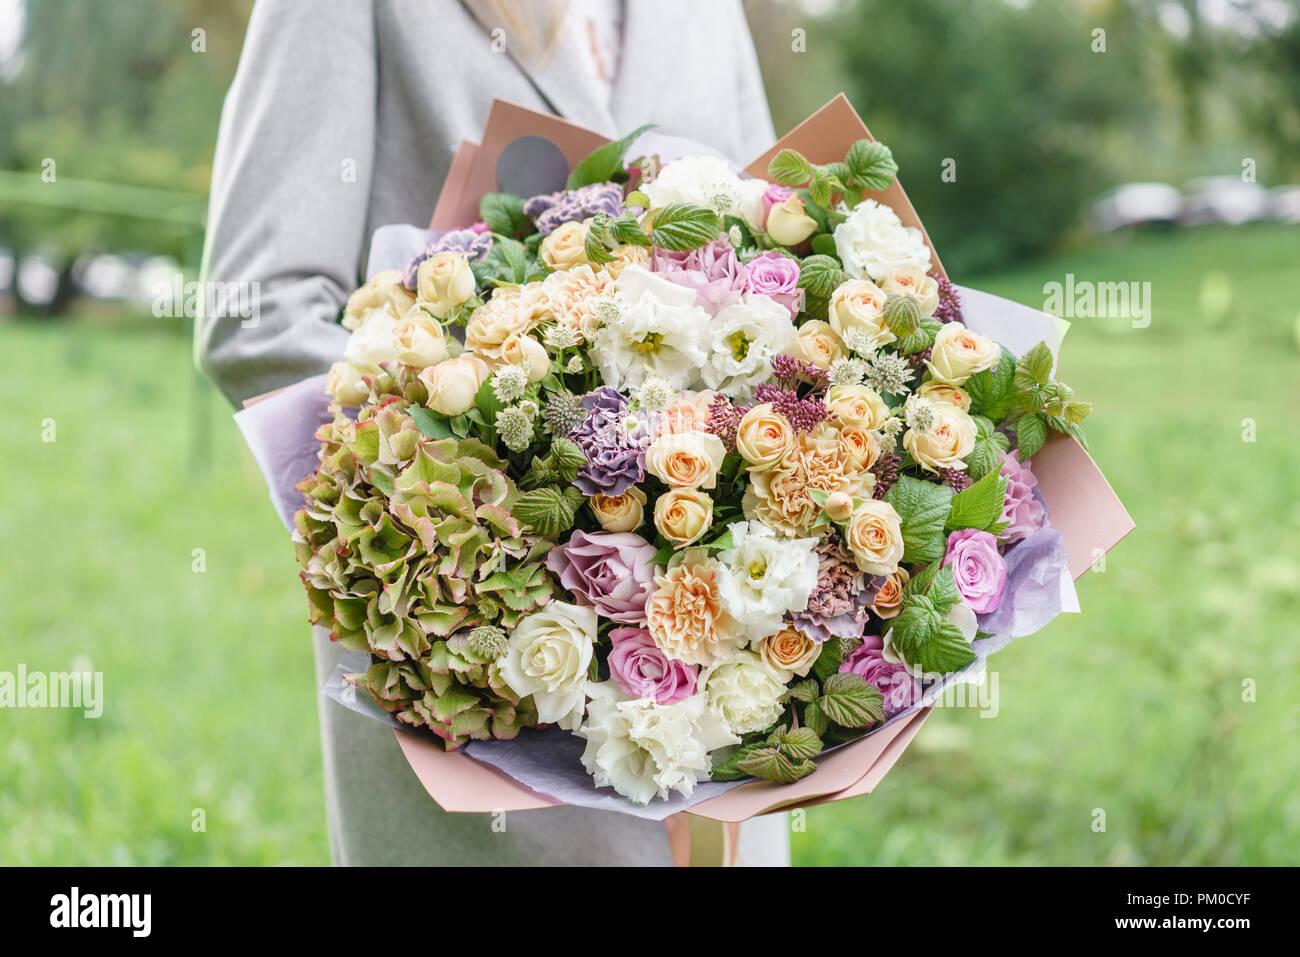 Hermoso Ramo Primaveral En Manos Delicado Arreglo Floral